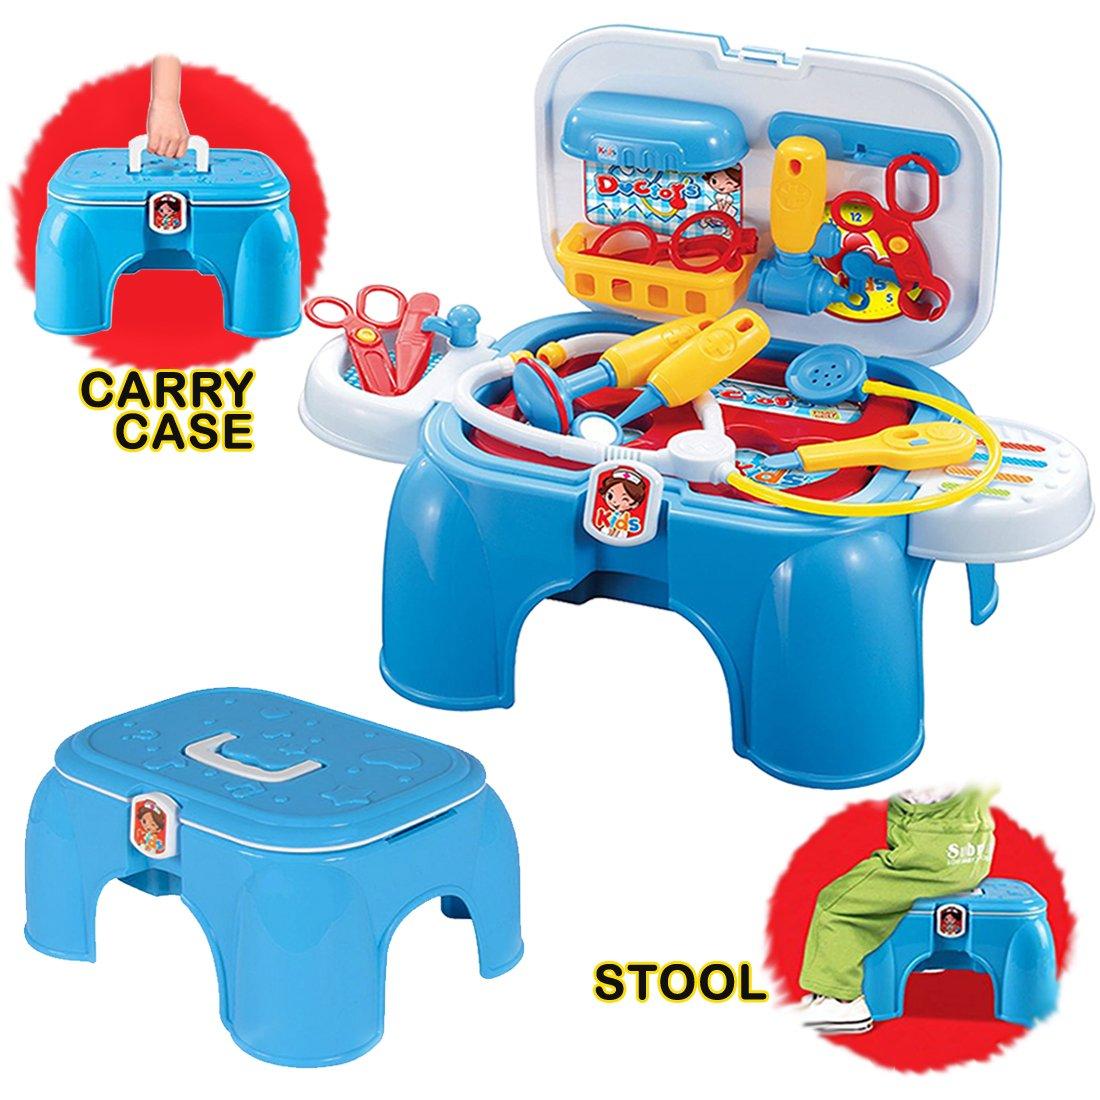 deAO Doctors Medical herramientas Kit de primeros auxilios Playset práctica palos y